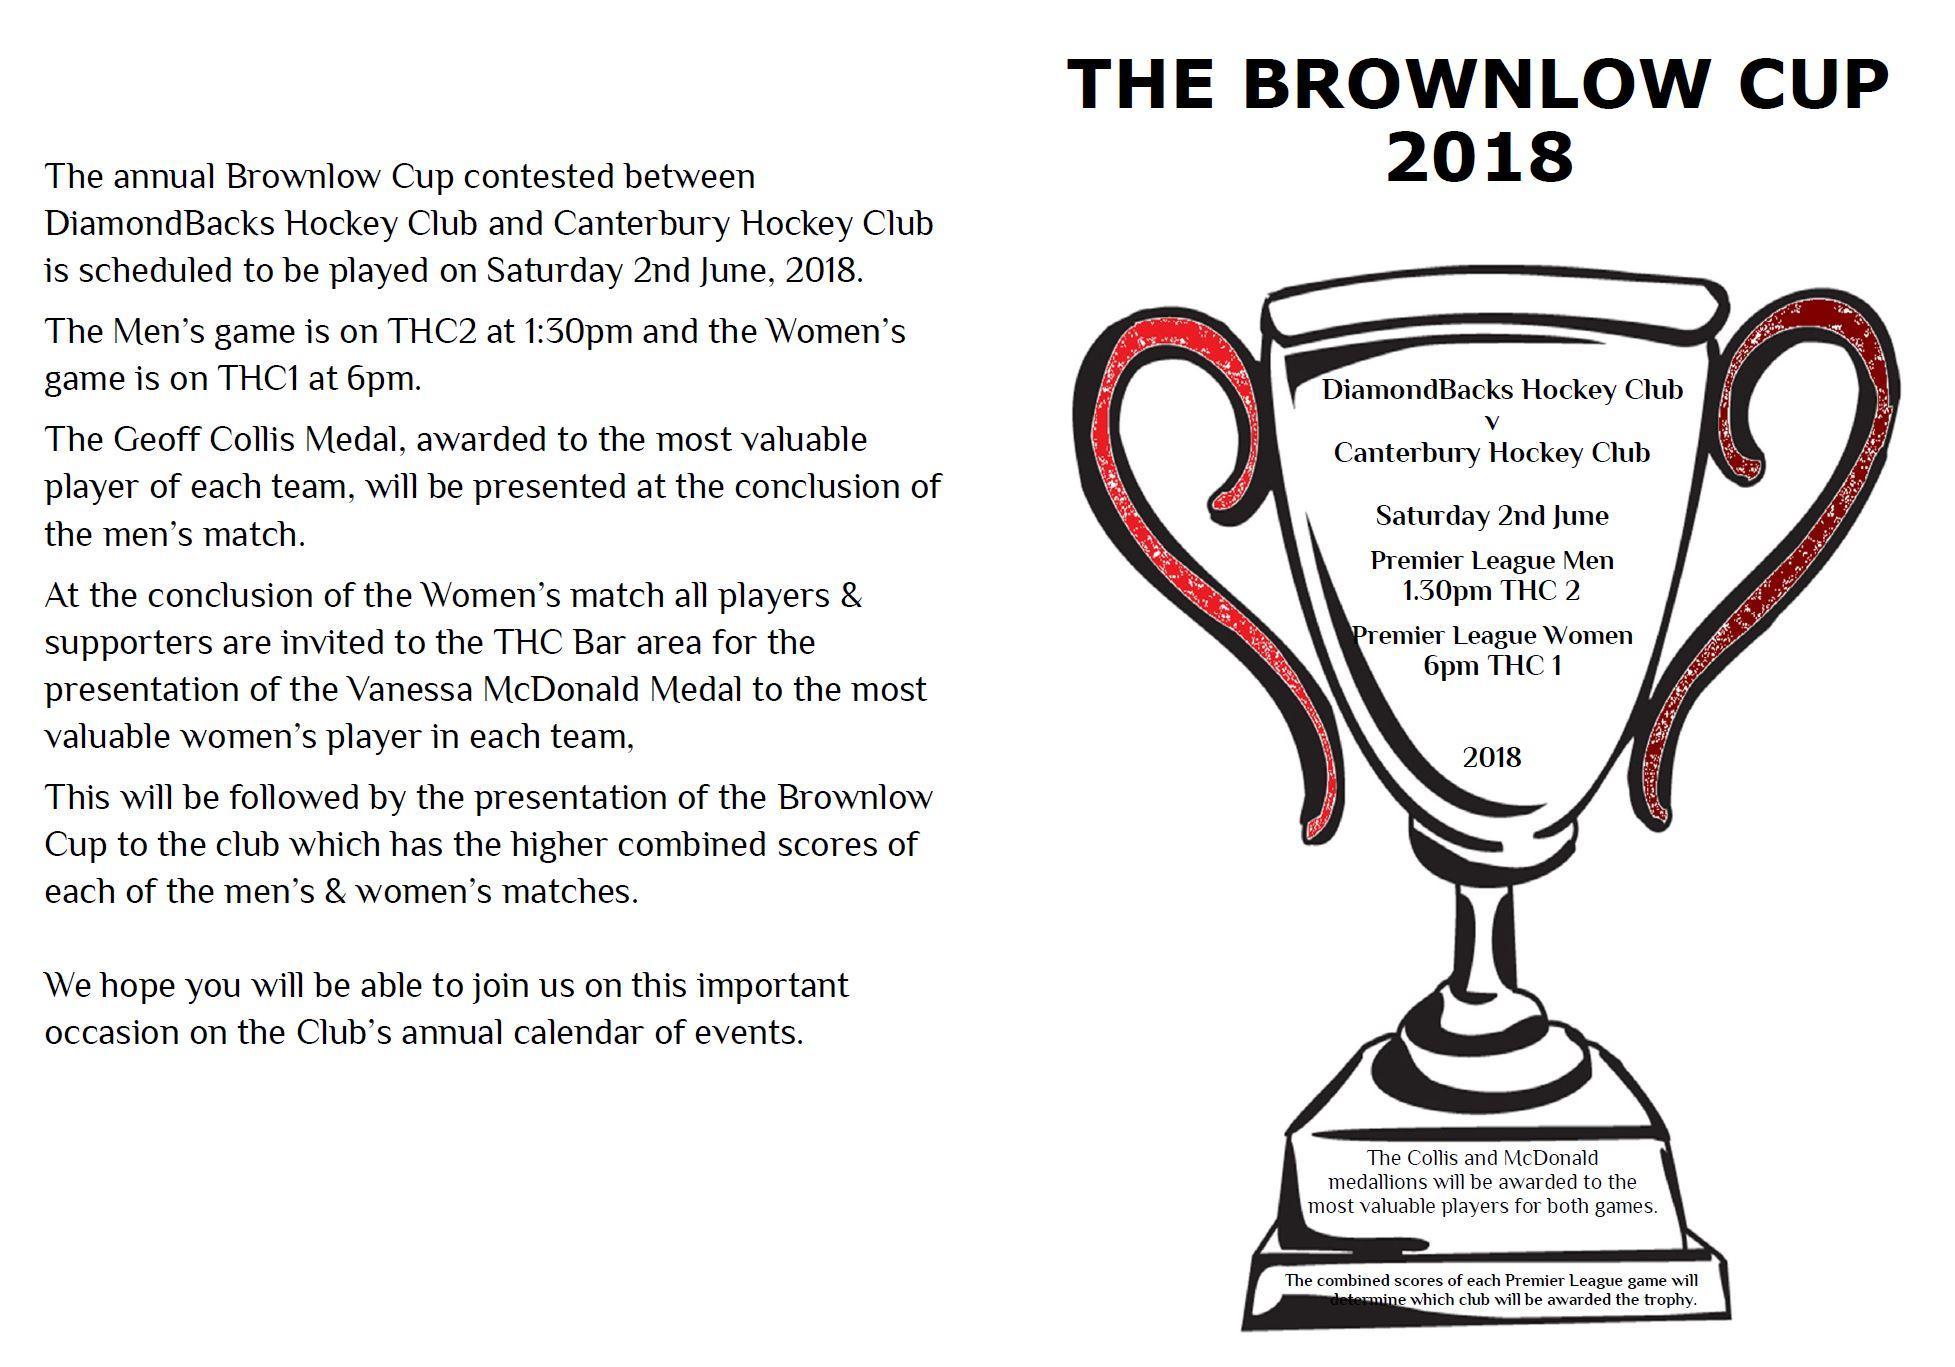 Brownlow Cup 2018 details